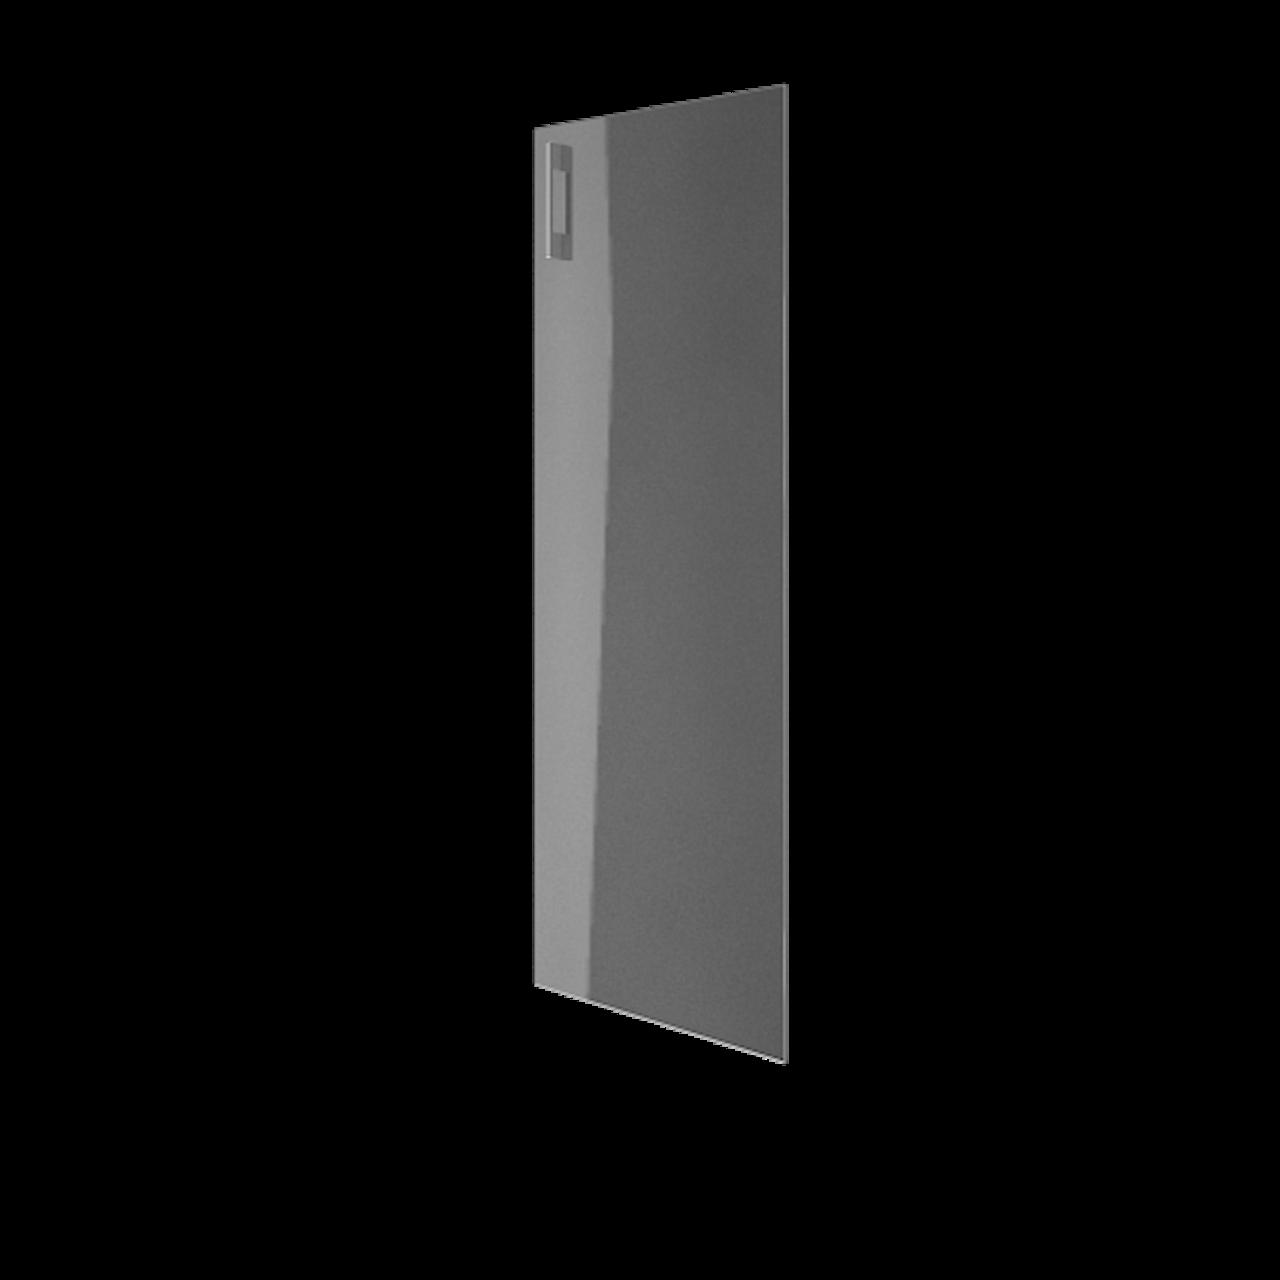 Дверь стекло среднее правая - фото 1